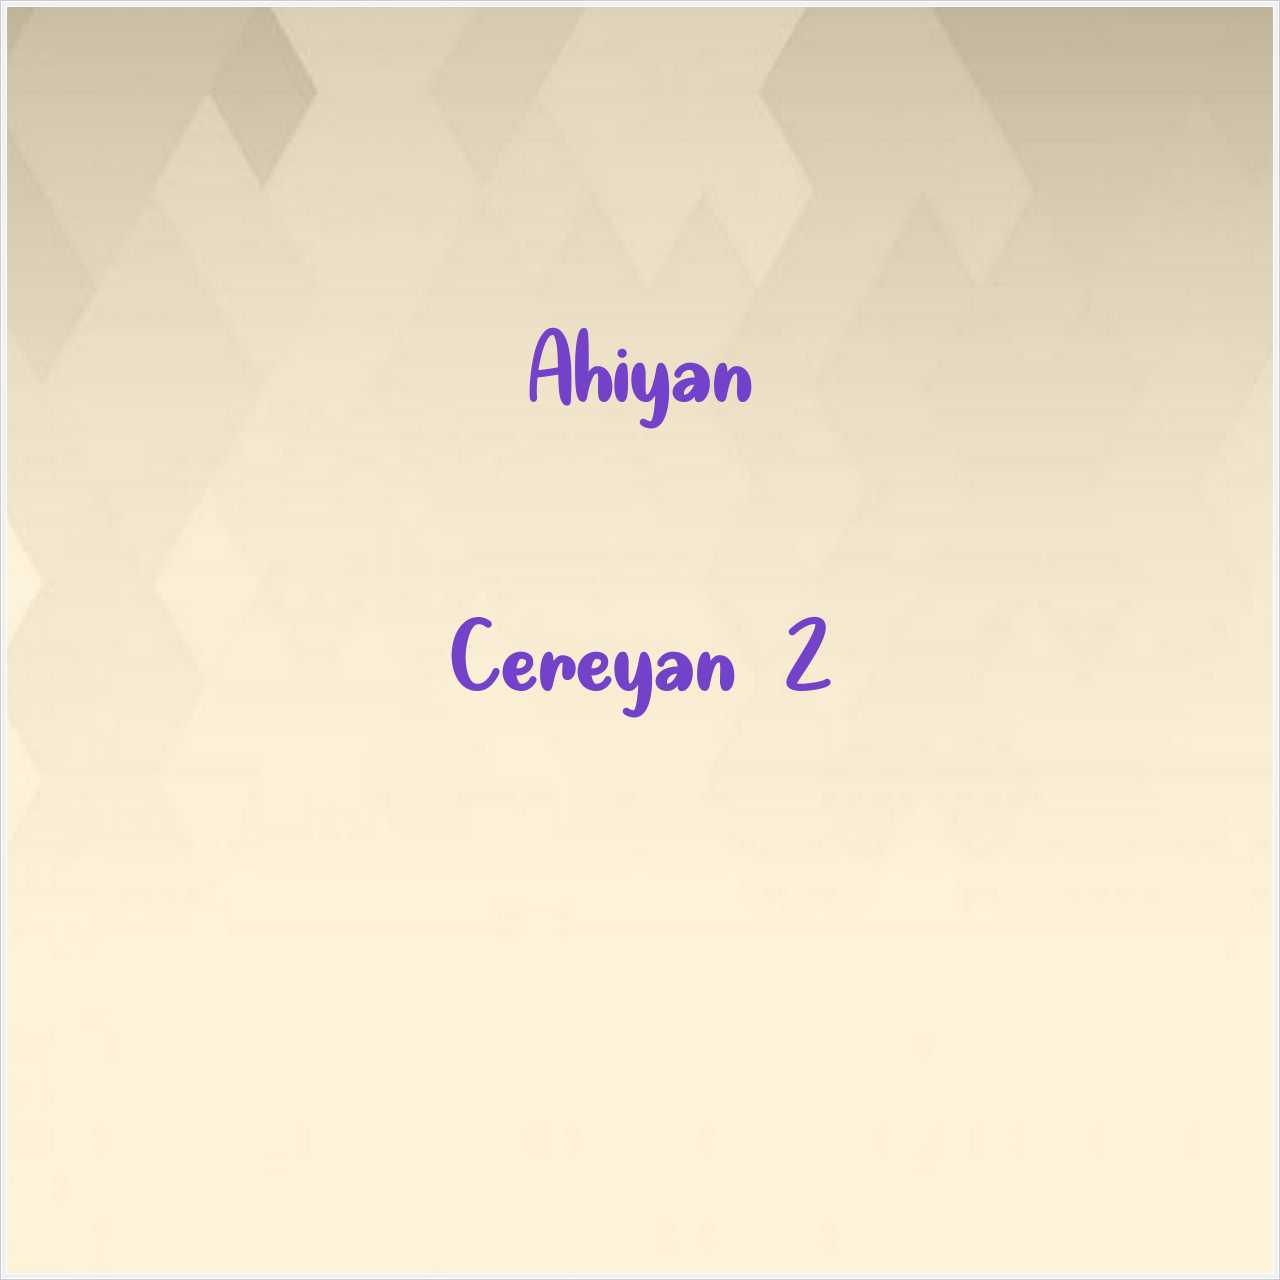 دانلود آهنگ جدید Ahiyan به نام Cereyan 2